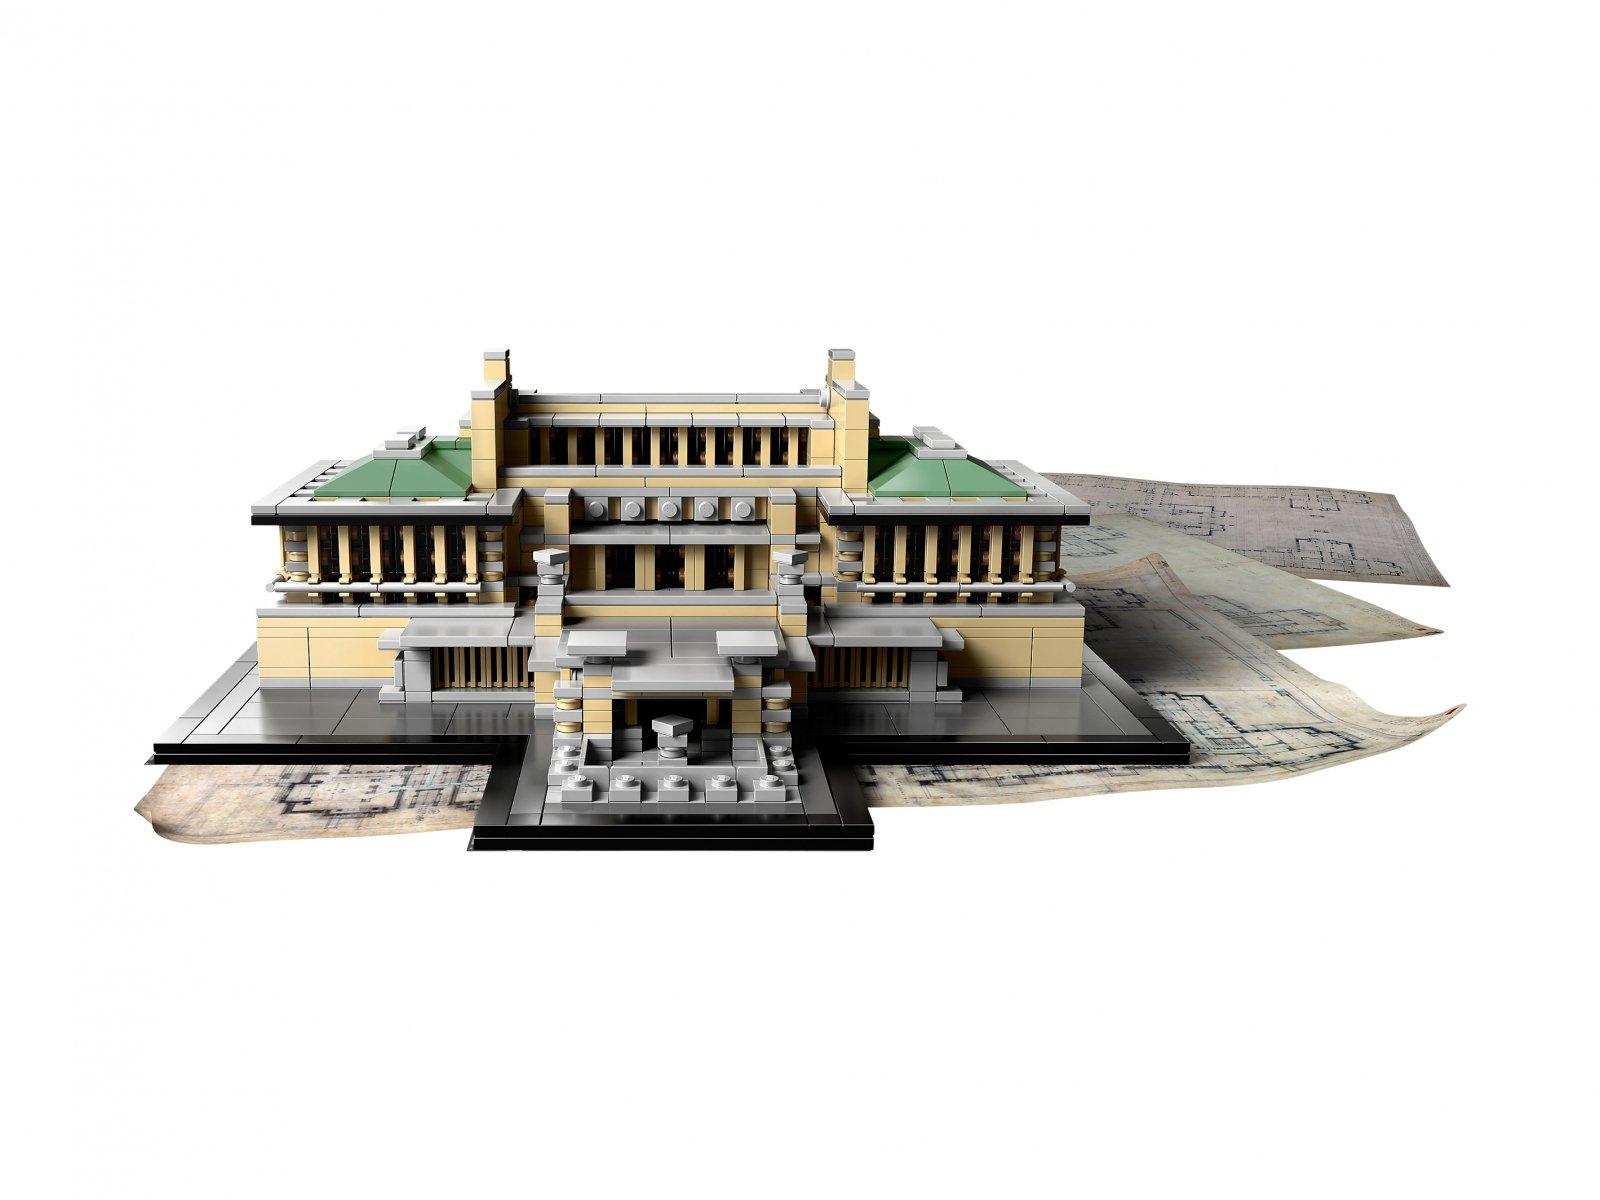 LEGO 21017 Hotel Imperial